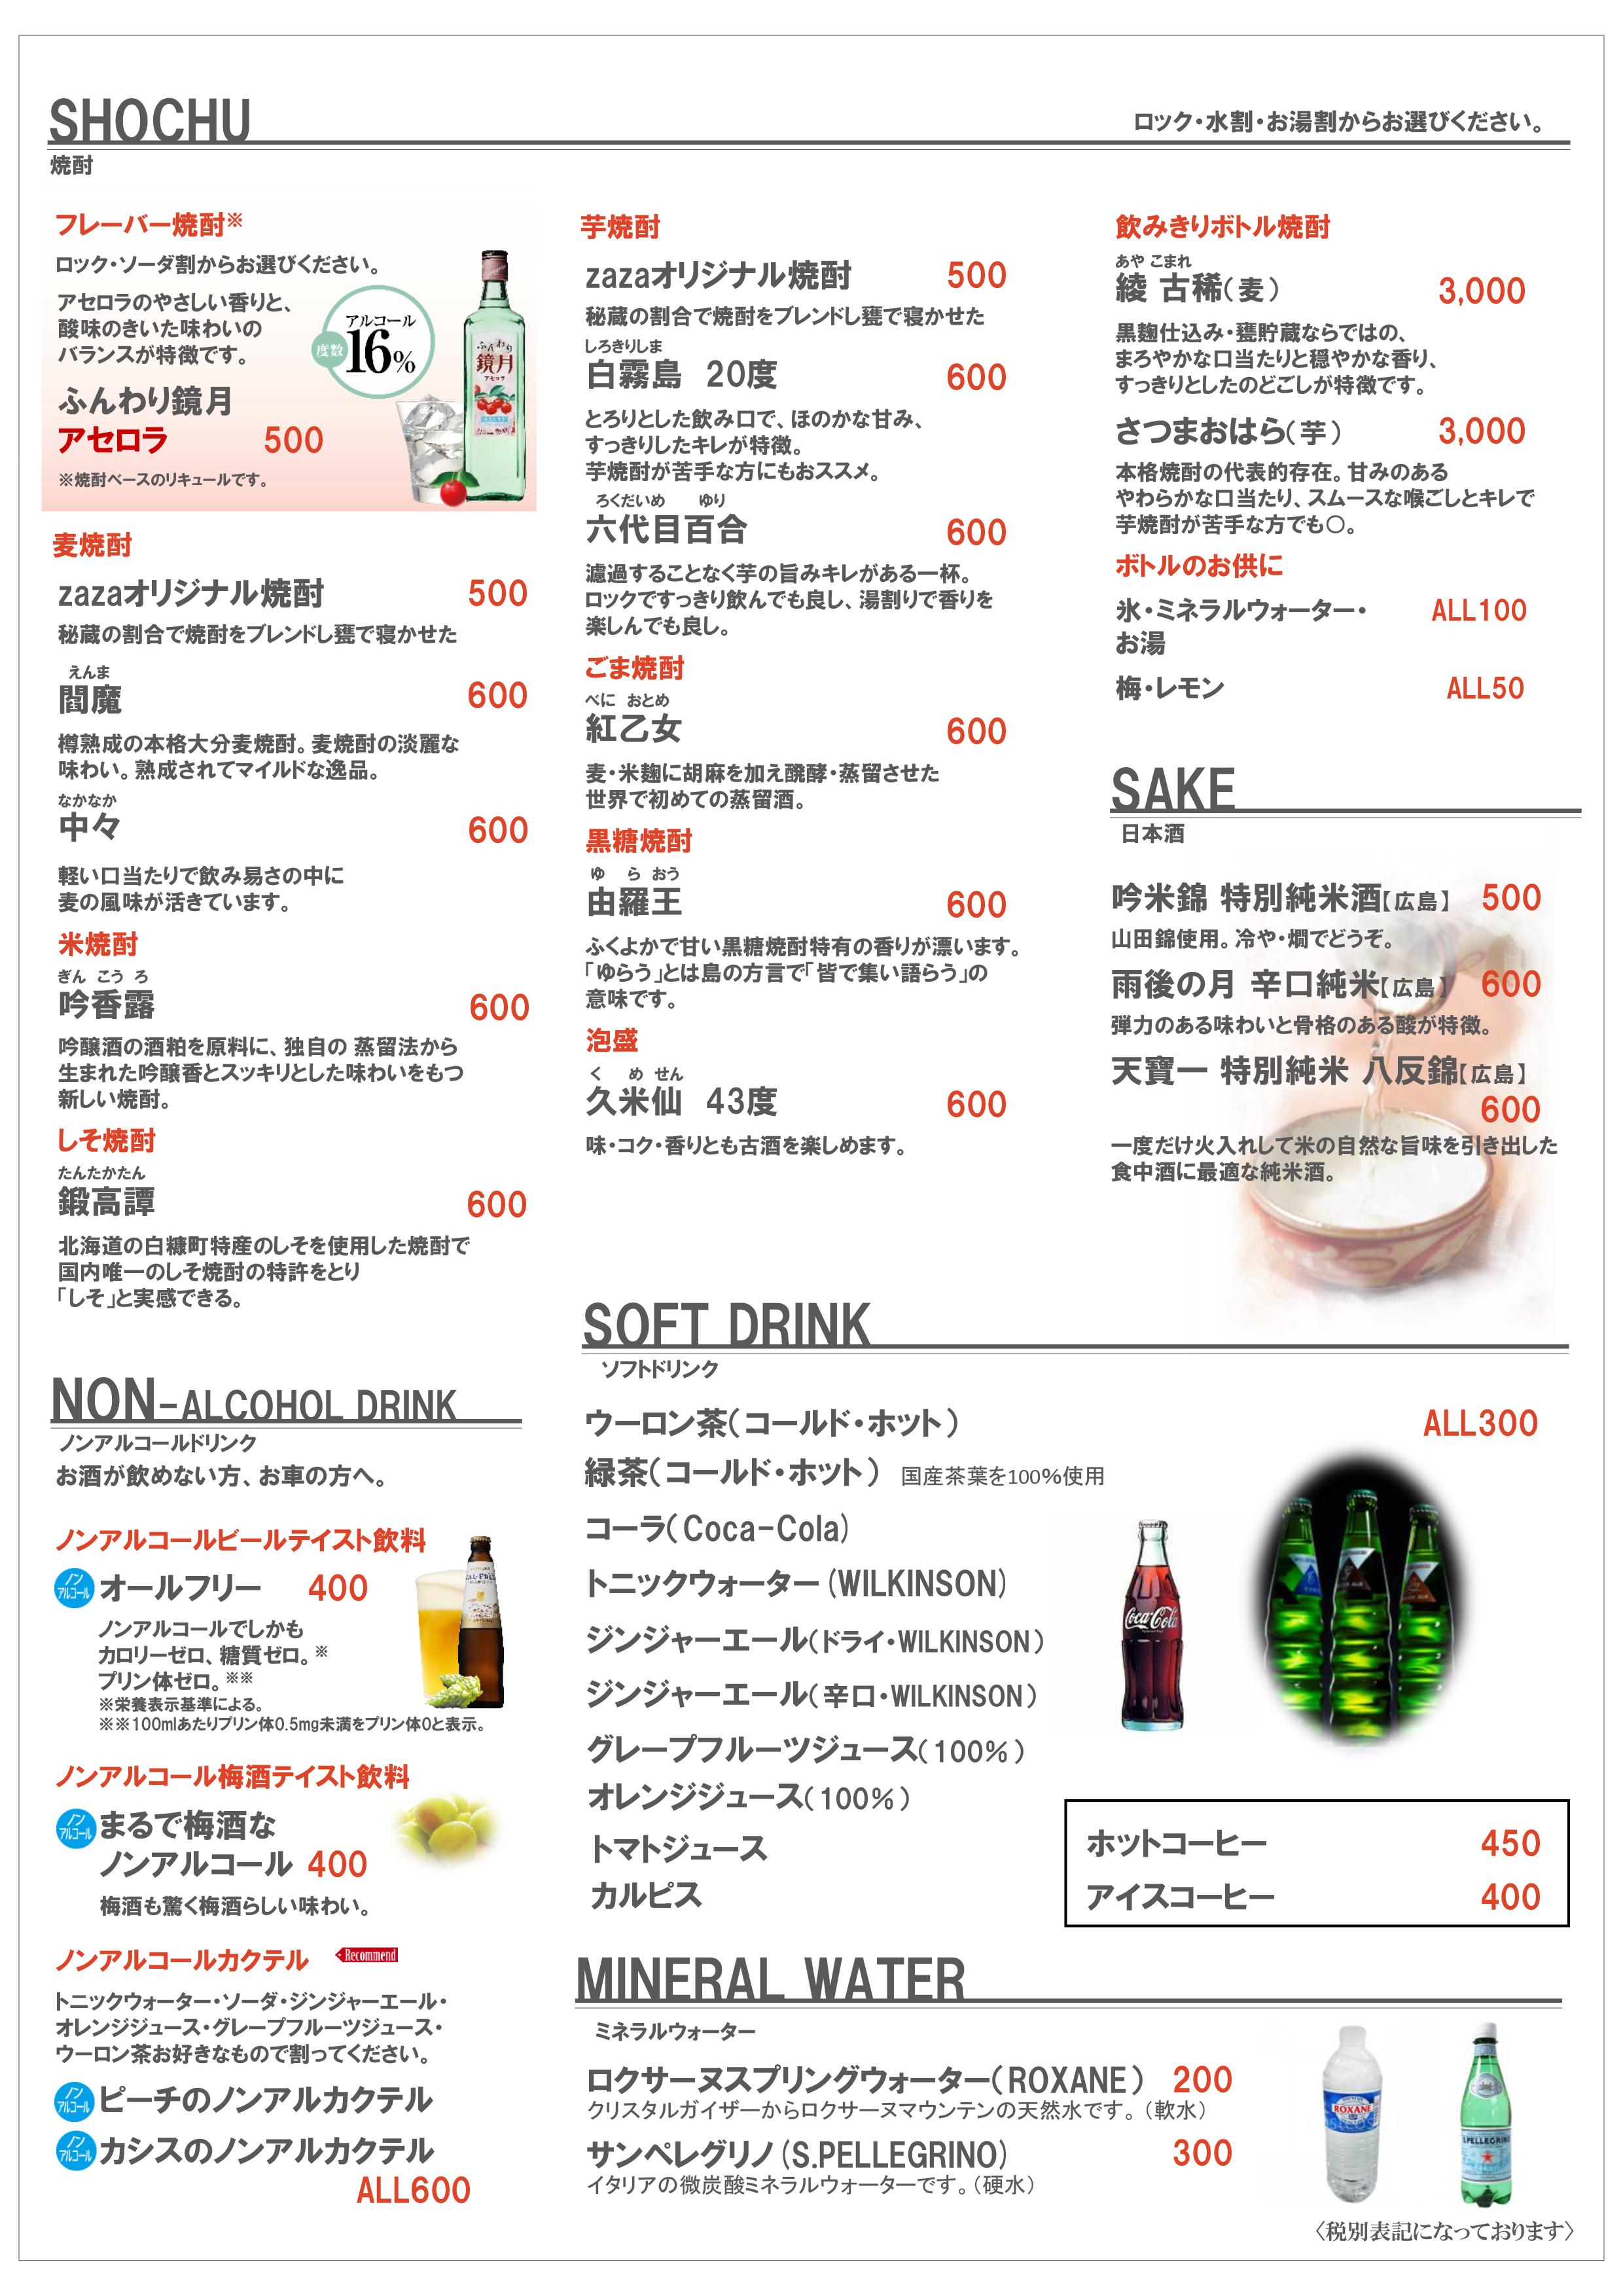 drink menu 2